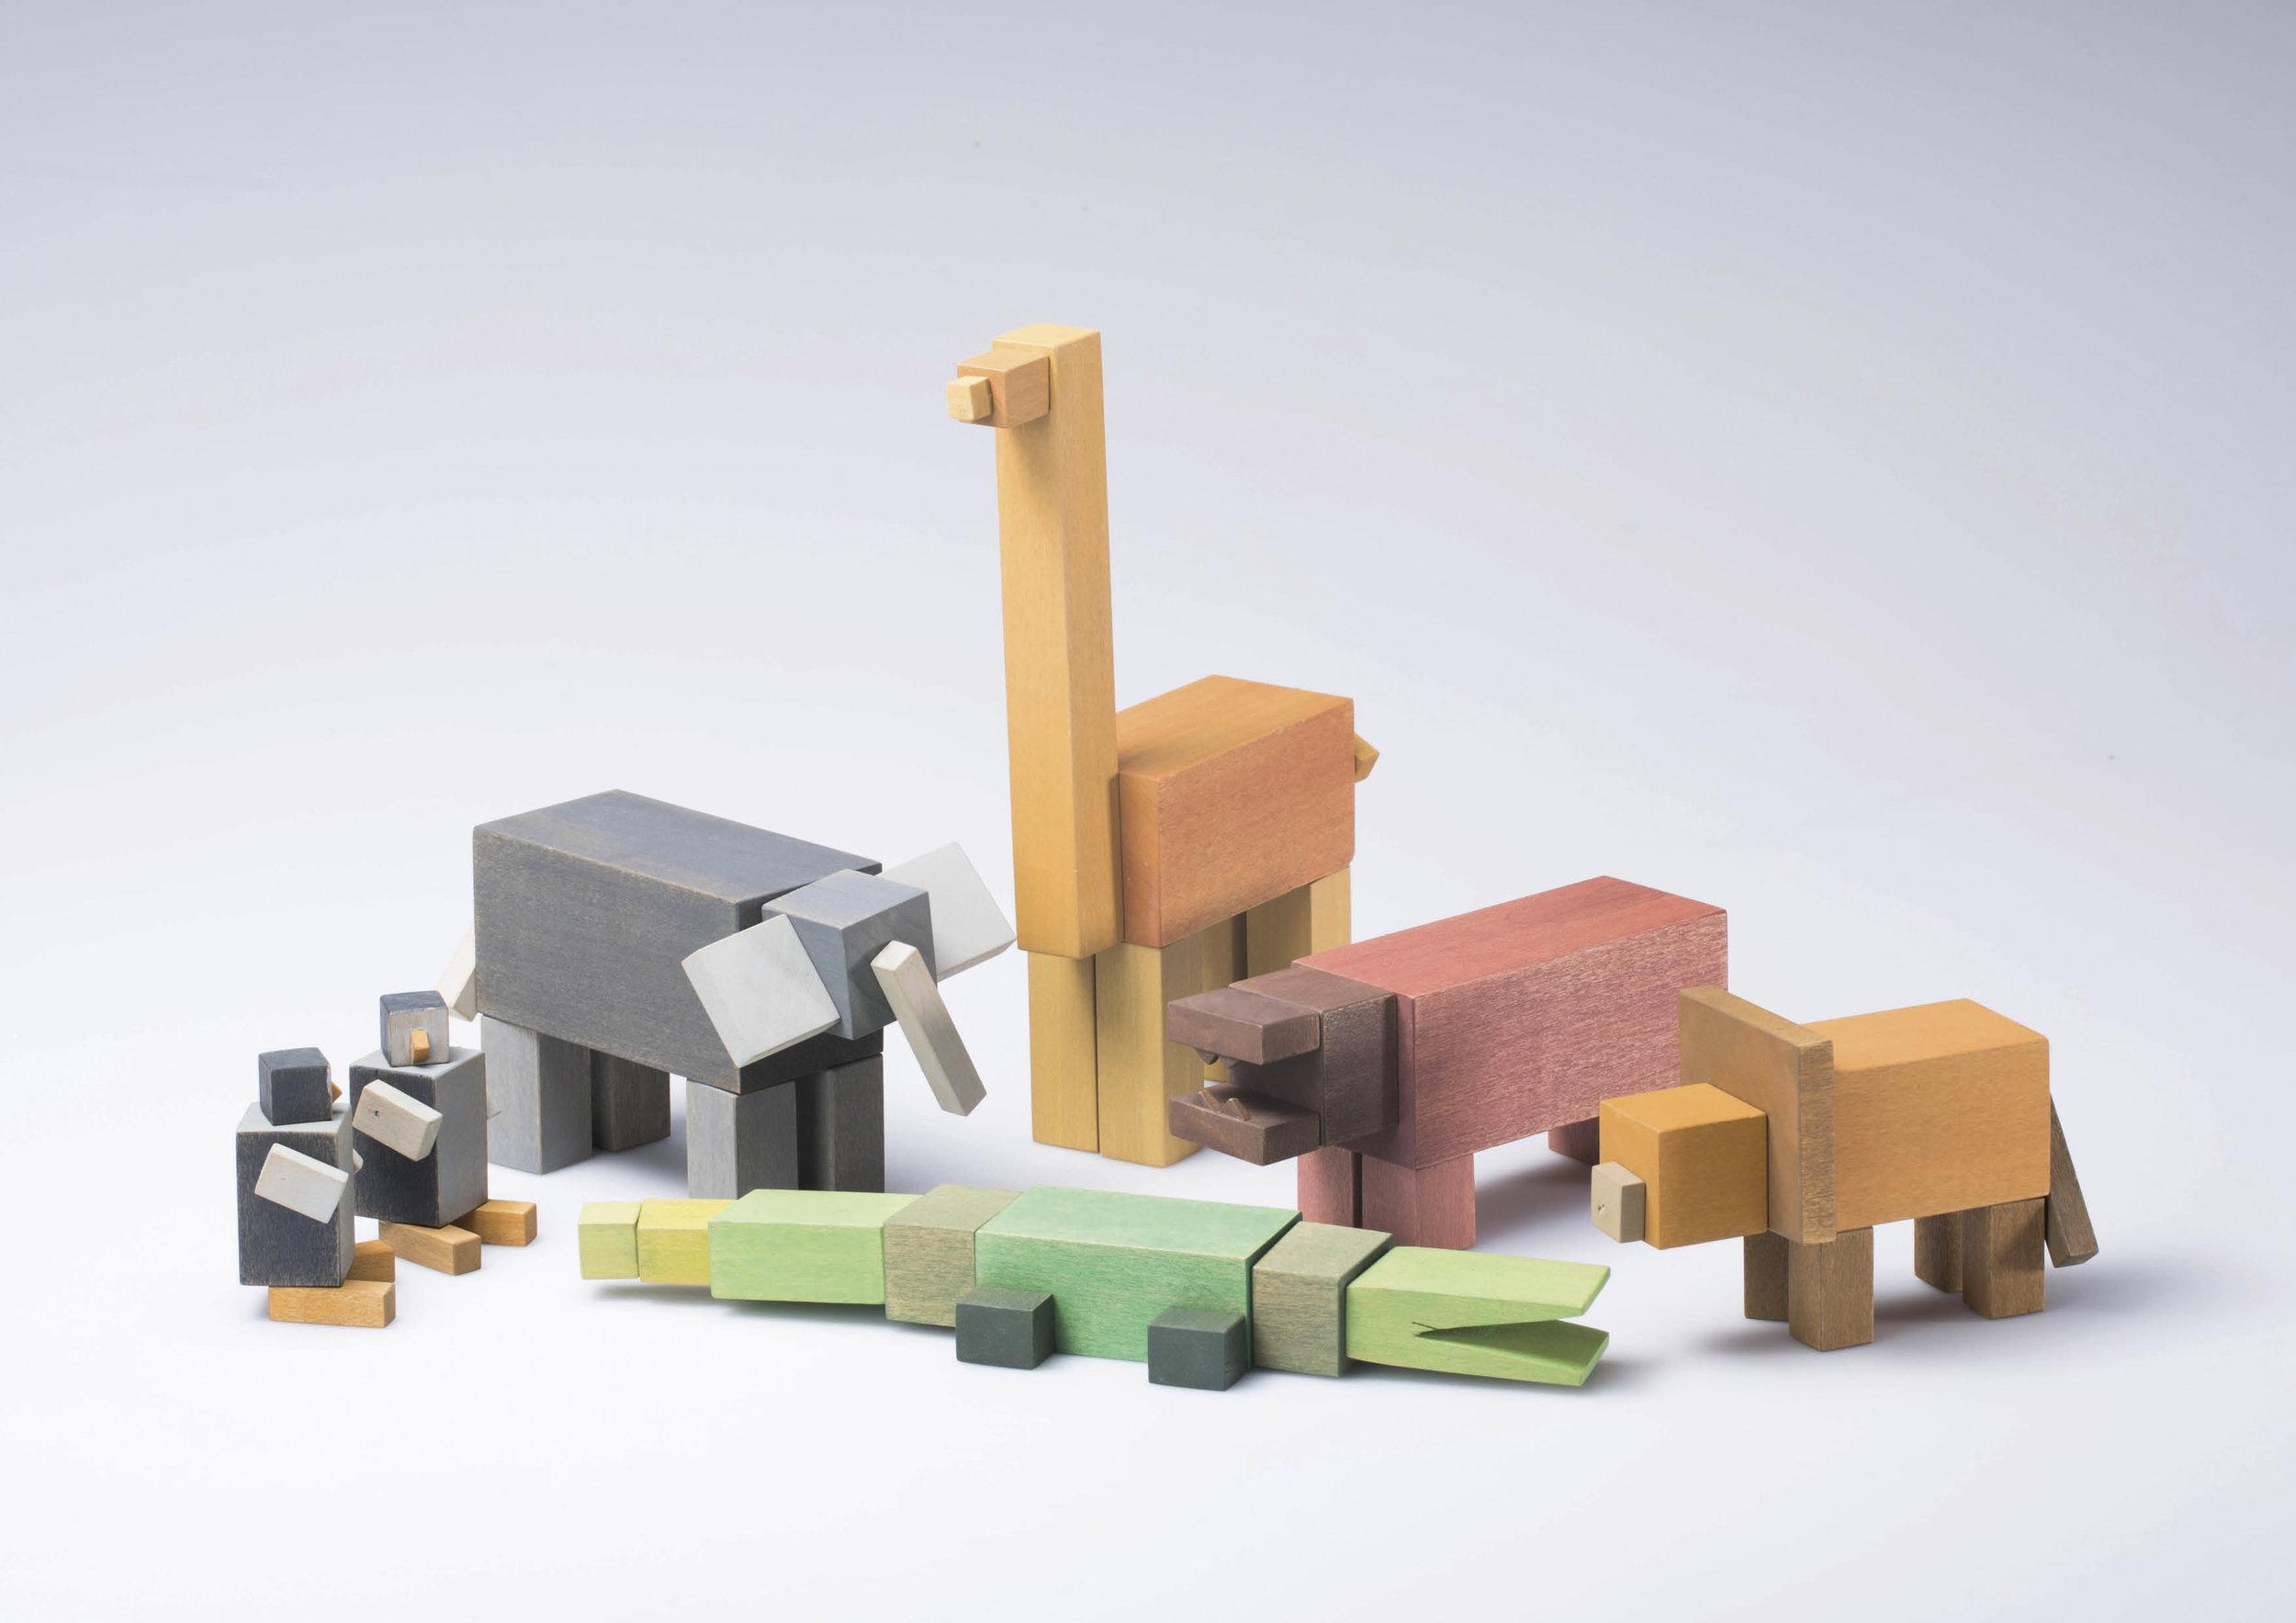 Julian Marticke – Zoo für Zuhause. A Day at Zoo von Julian Marticke ist Dekoration und Spiel zugleich. Hier werden geometrische, bunte Holzbausteine zum Leben erweckt und mit Hilfe von eingebauten Magneten zu Tieren oder Phantasielebewesen kombiniert. (Foto: Julian Marticke; Koelnmesse)